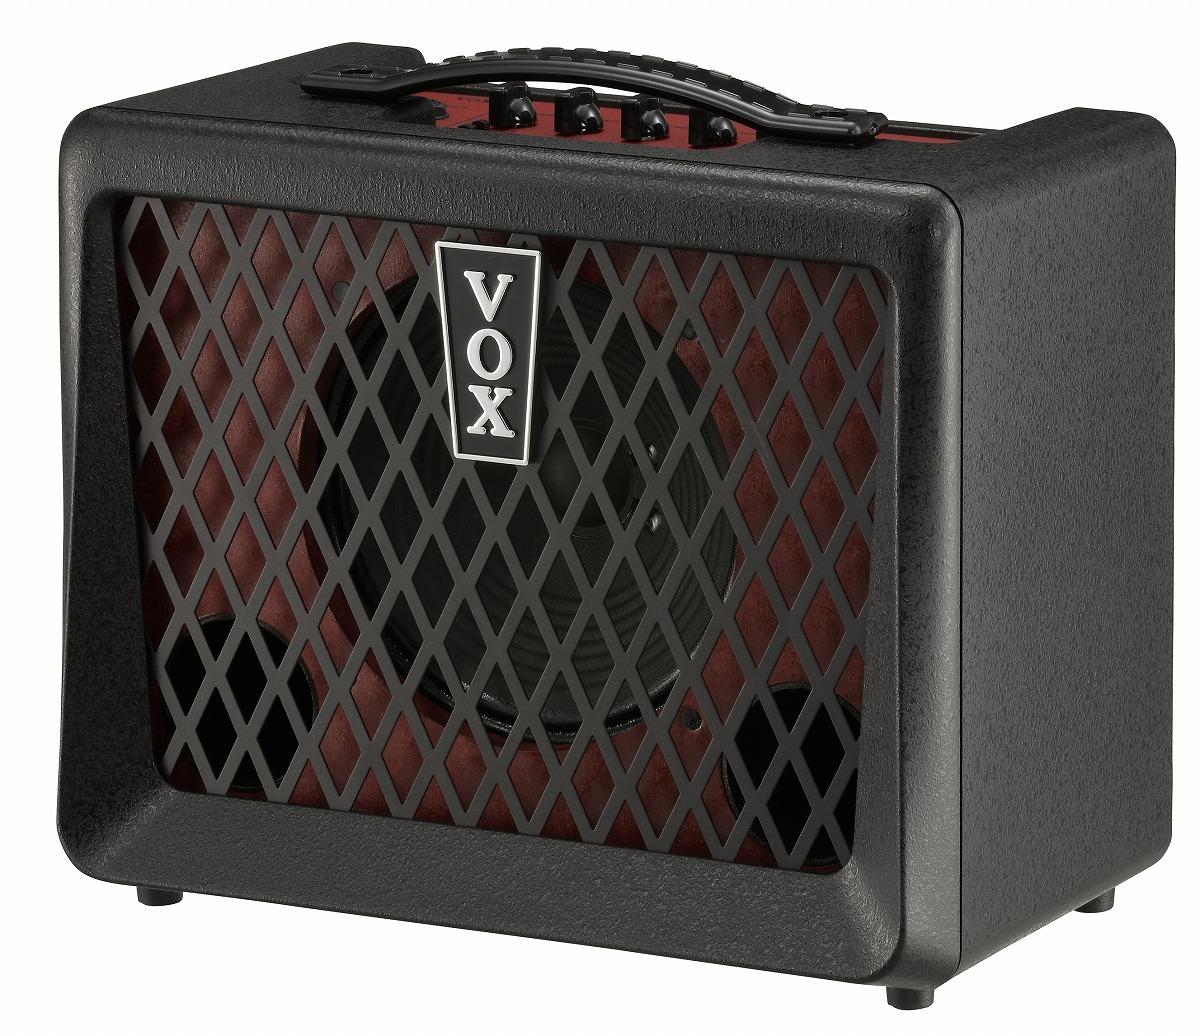 VOX / VX50 BA ボックス ベースアンプ【YRK】【お取り寄せ商品】